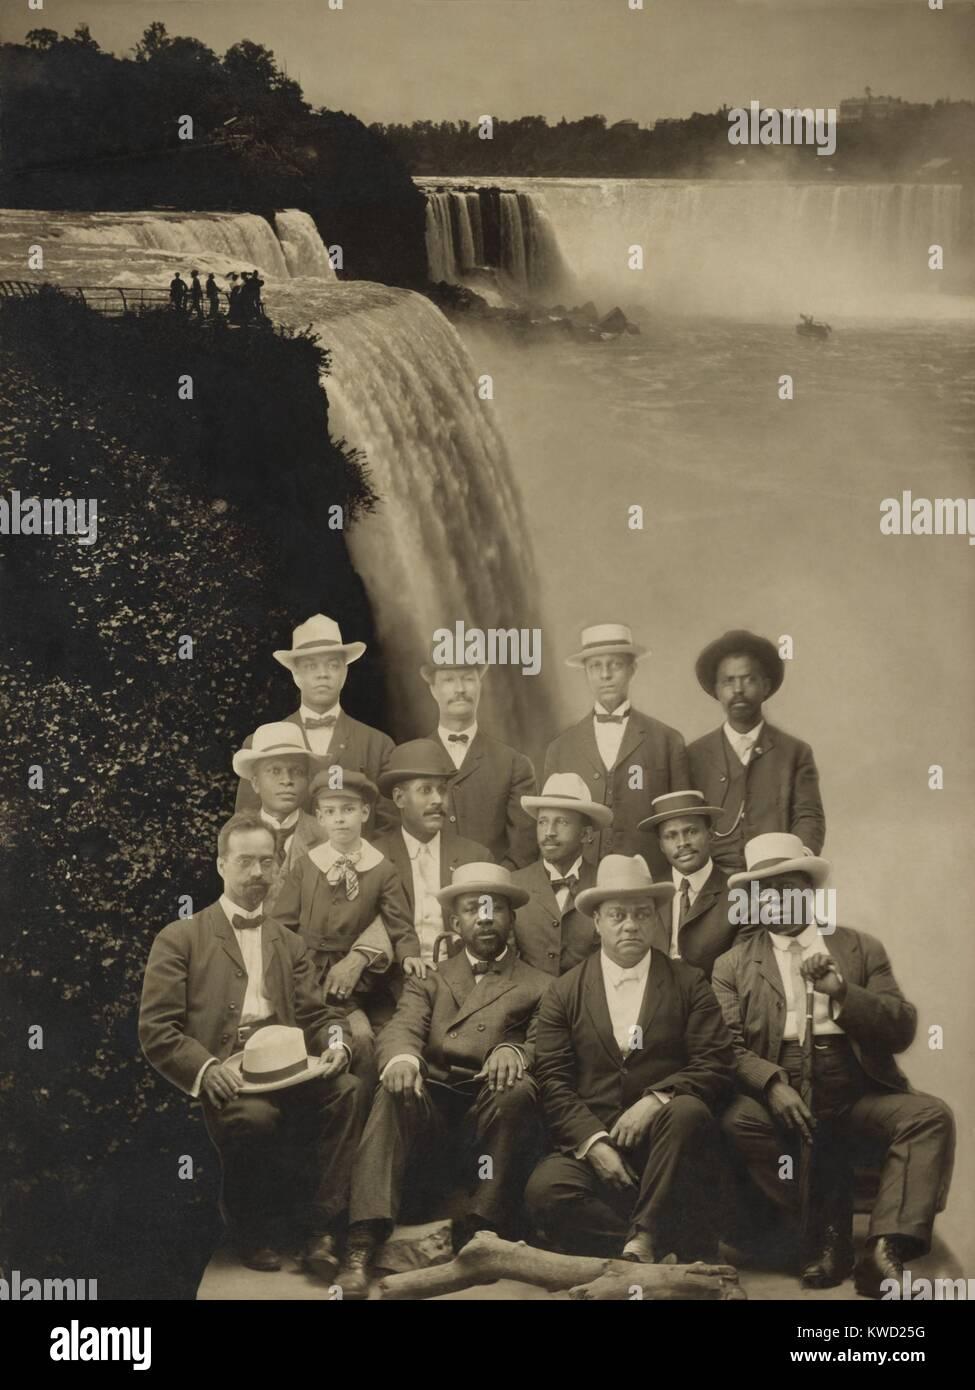 Niagara Bewegung Gründer über ein Bild von Niagara Falls, 1905 überlagert. Vordere Reihe, L-R: Henry Stockbild